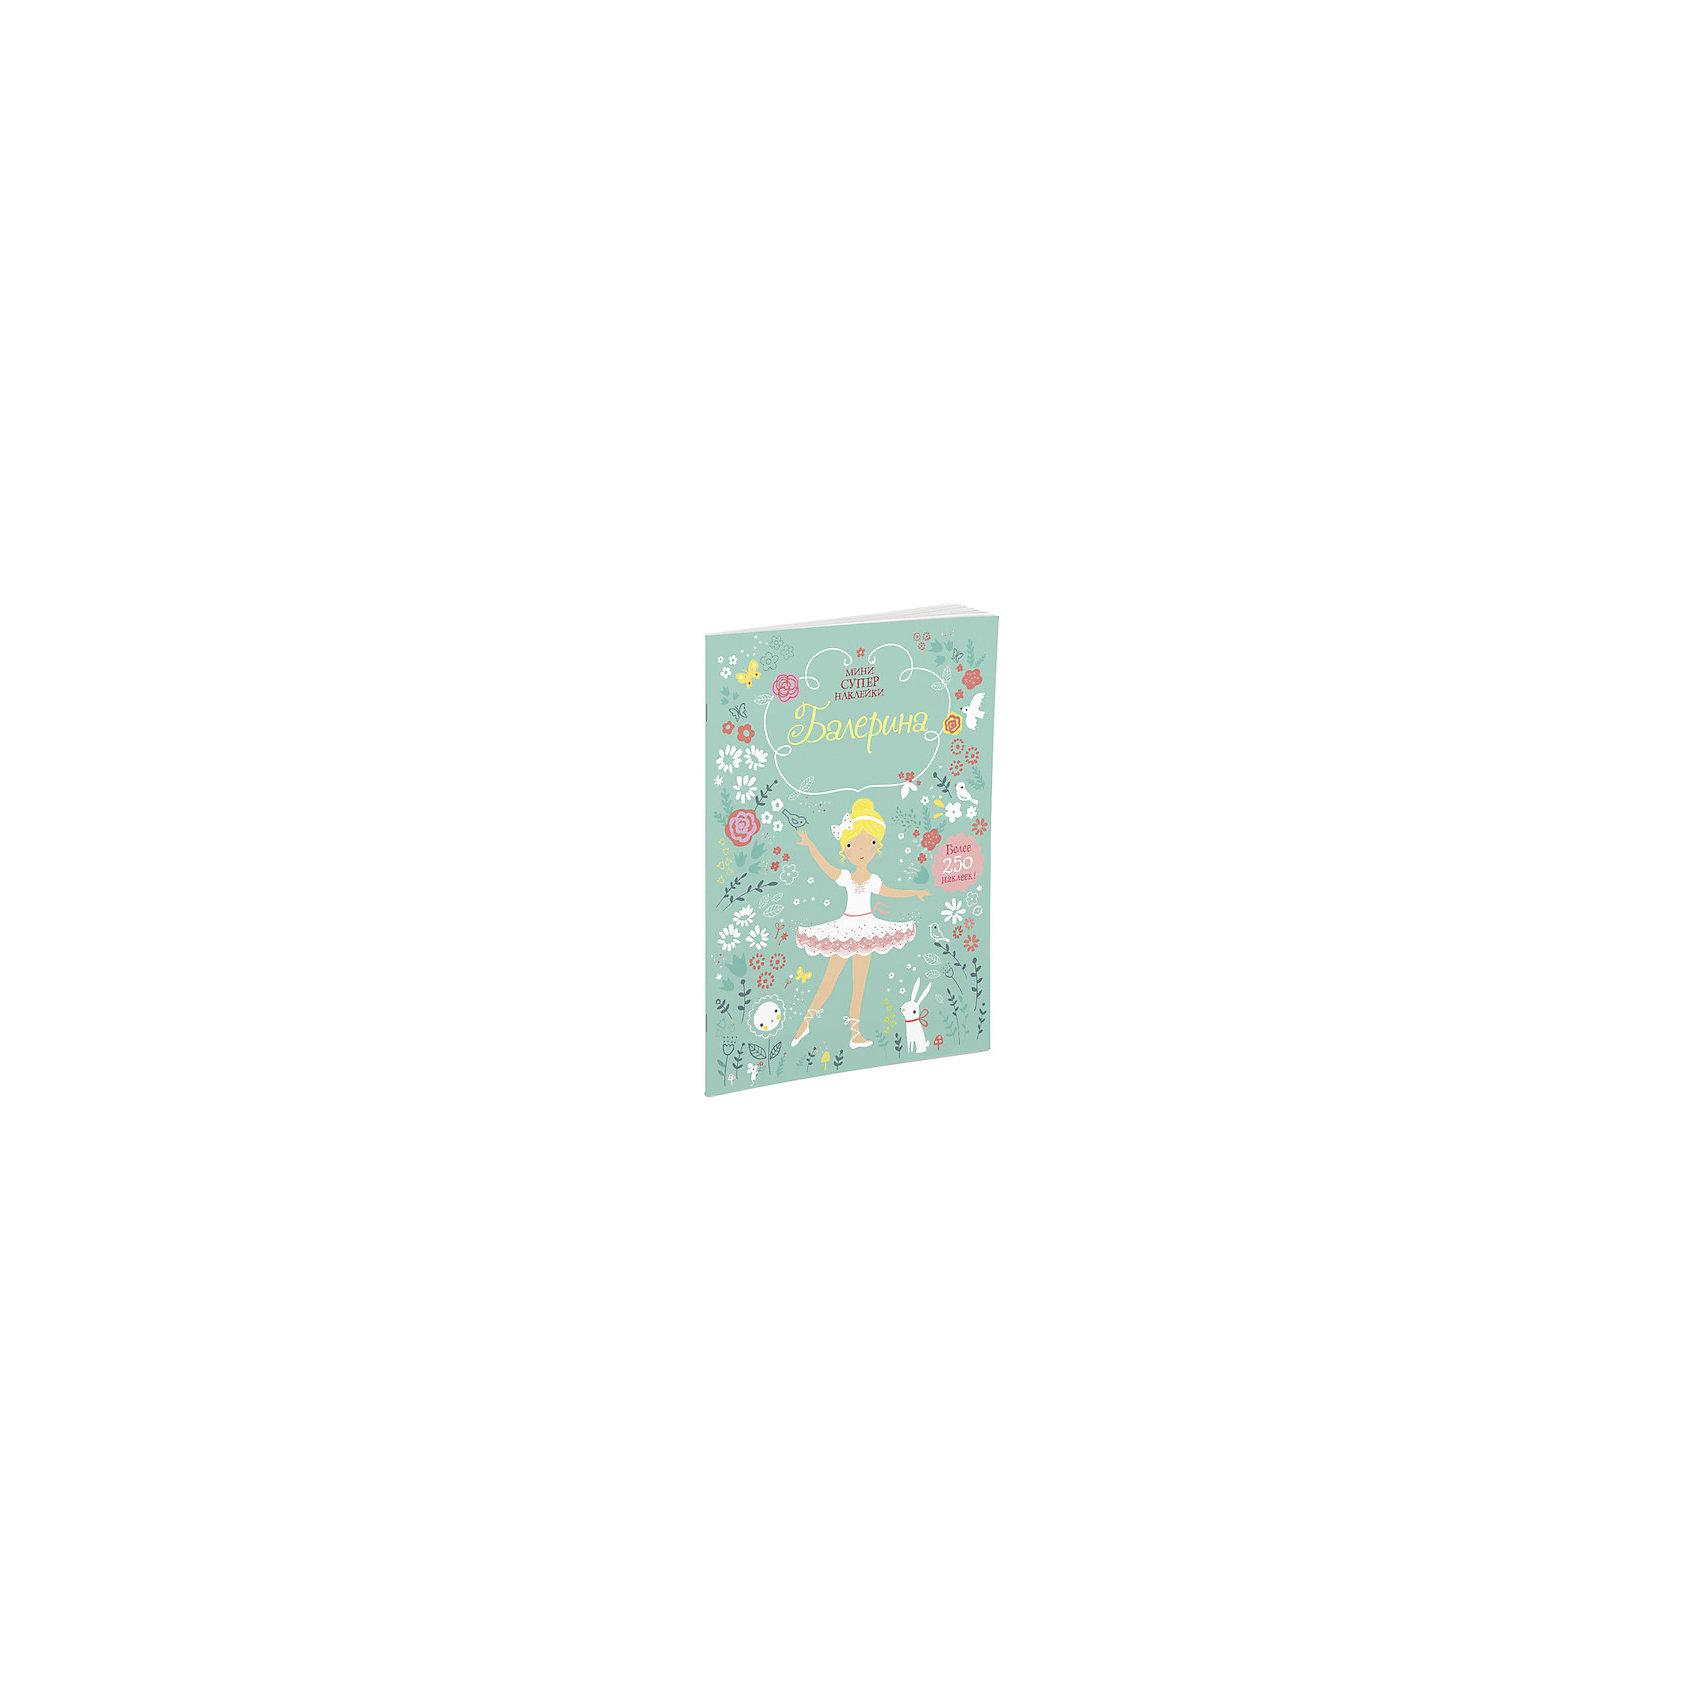 Книжка с наклейками БалеринаМахаон<br>Книжка с наклейками Балерина.<br><br>Характеристики:<br><br>• Автор: Ф. Уотт<br>• Иллюстратор: Л. Маккей<br>• Переводчик: Е. Егорова<br>• Издательство: Махаон, 2017 год<br>• Серия: Супернаклейки-мини<br>• Тип обложки: мягкий переплет (крепление скрепкой или клеем)<br>• Оформление: с наклейками (более 250 наклеек)<br>• Иллюстрации: цветные<br>• Количество страниц: 24<br>• Размер: 240х170х2 мм.<br>• Вес: 167 гр.<br>• ISBN: 9785389124035<br><br>Белла и её подружки – балерины. Они так любят танцевать на сцене! Подбери девочкам яркие и красивые костюмы для выступлений. Читаем и играем! Развиваем внимание, воображение, мелкую моторику и художественный вкус.<br><br>Книжку с наклейками Балерина можно купить в нашем интернет-магазине.<br><br>Ширина мм: 240<br>Глубина мм: 170<br>Высота мм: 20<br>Вес г: 167<br>Возраст от месяцев: 12<br>Возраст до месяцев: 36<br>Пол: Женский<br>Возраст: Детский<br>SKU: 5493472